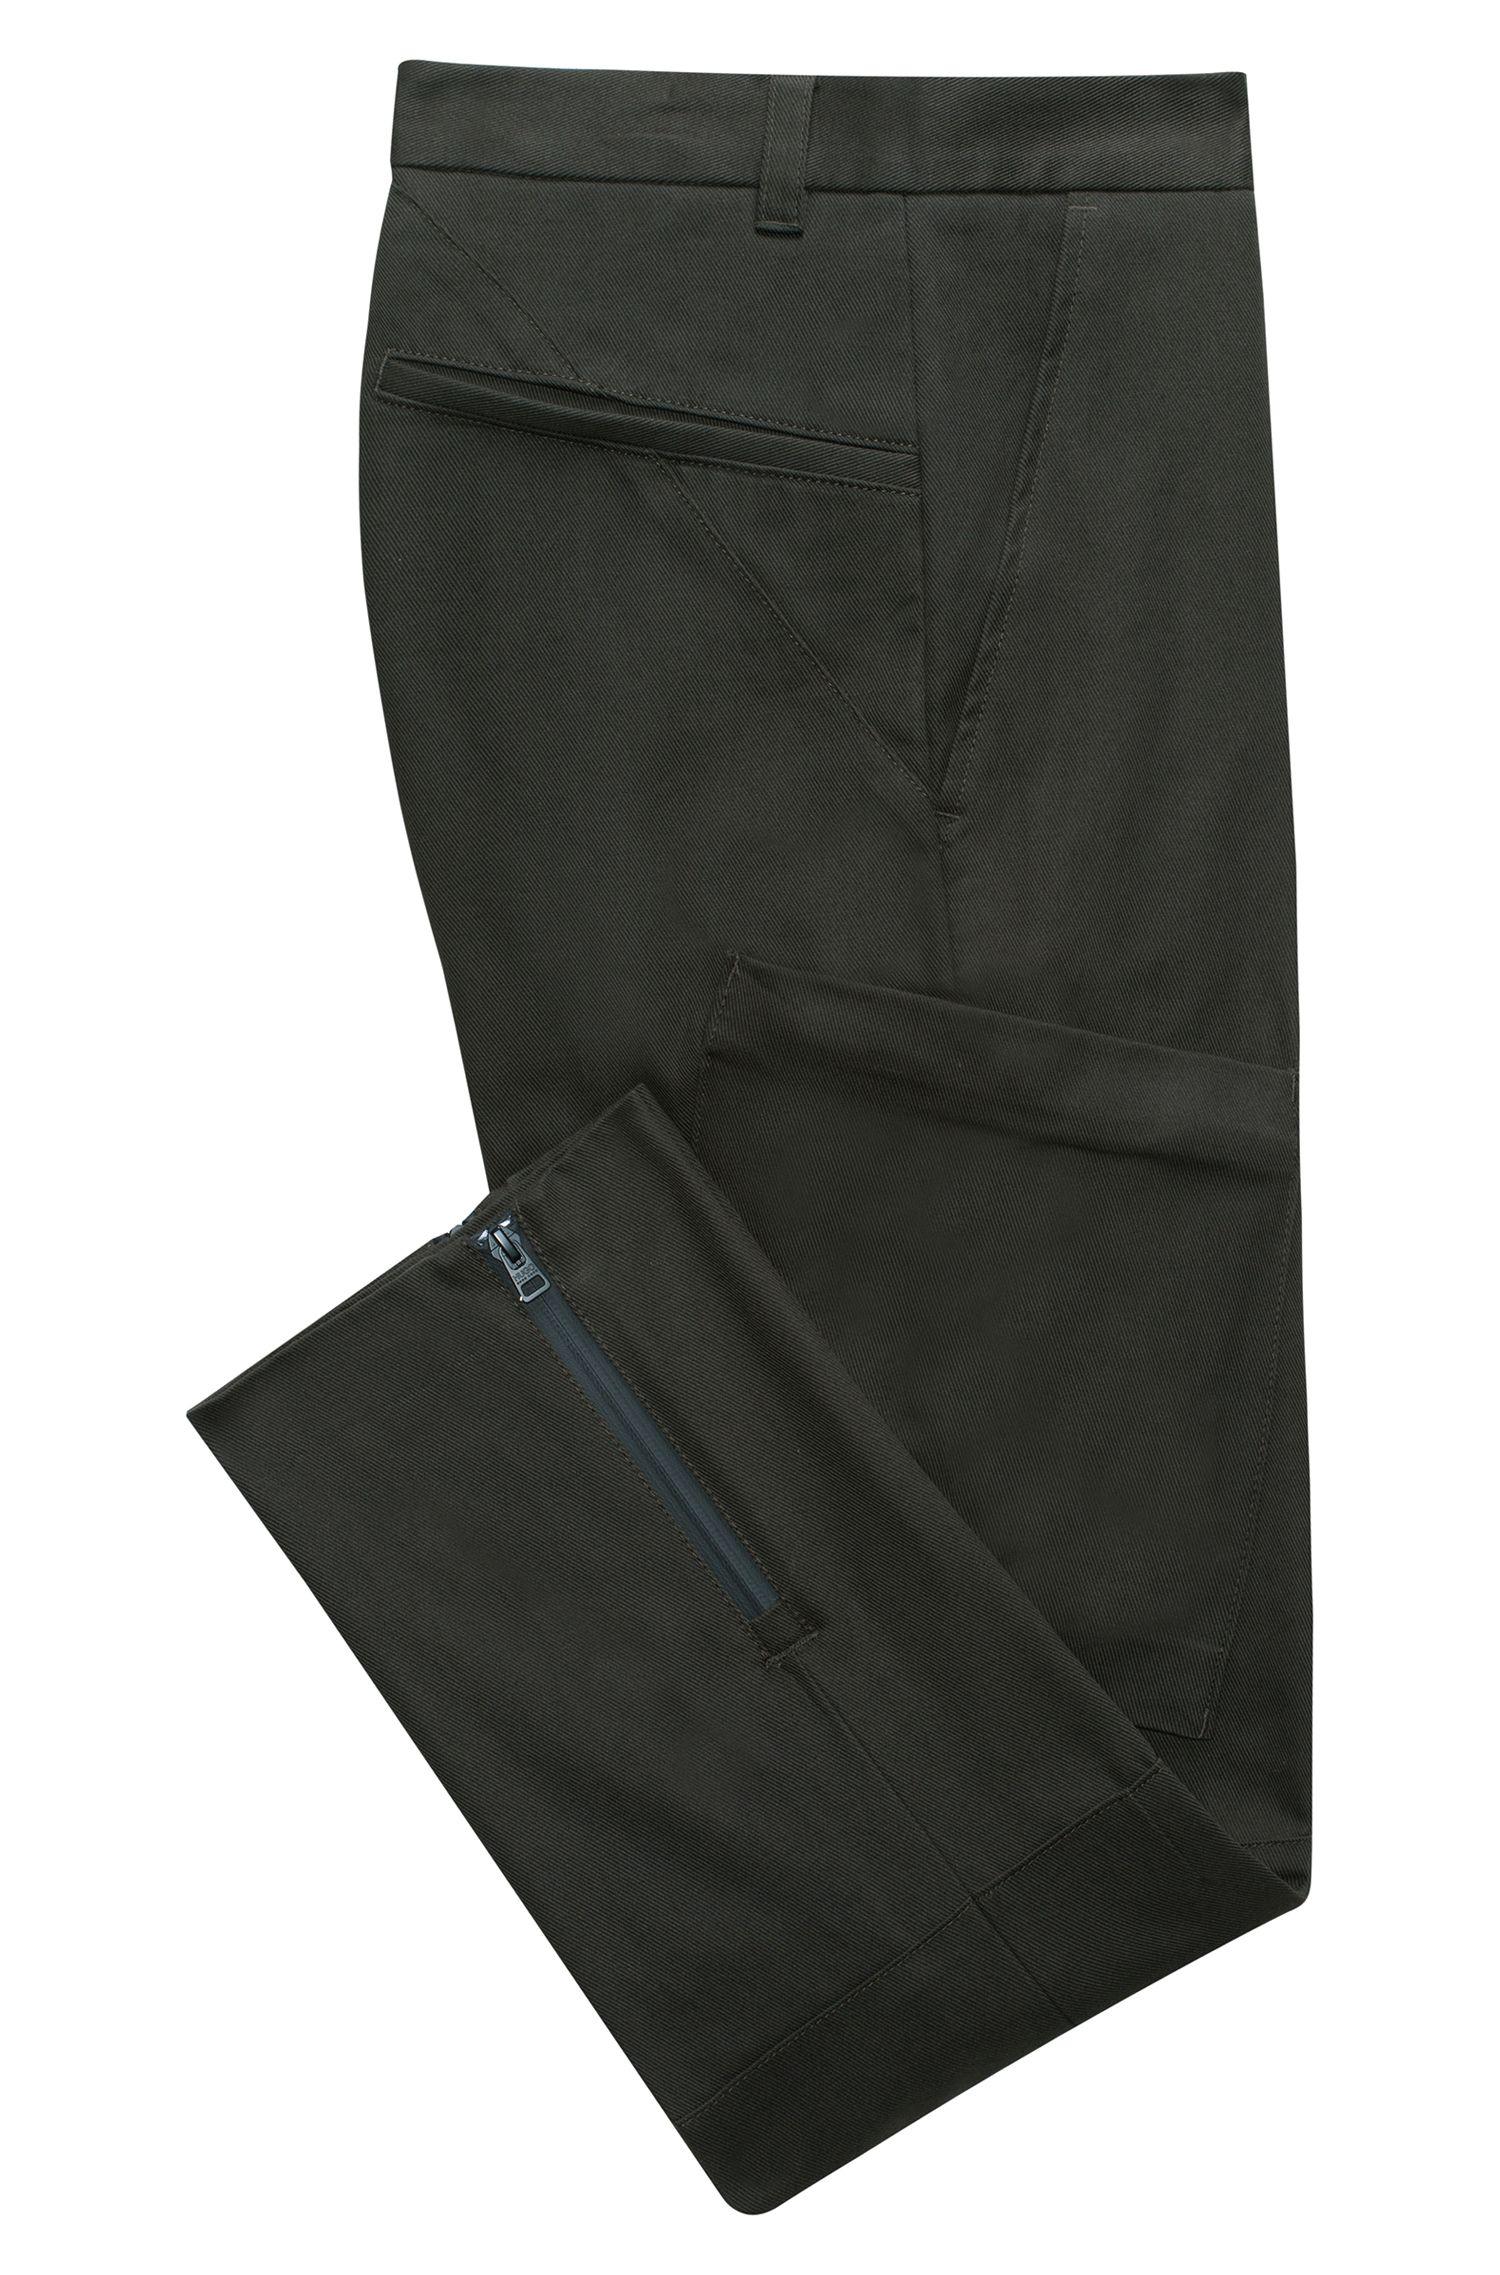 Pantalones cargo slim fit en sarga de algodón con cremalleras en los bajos